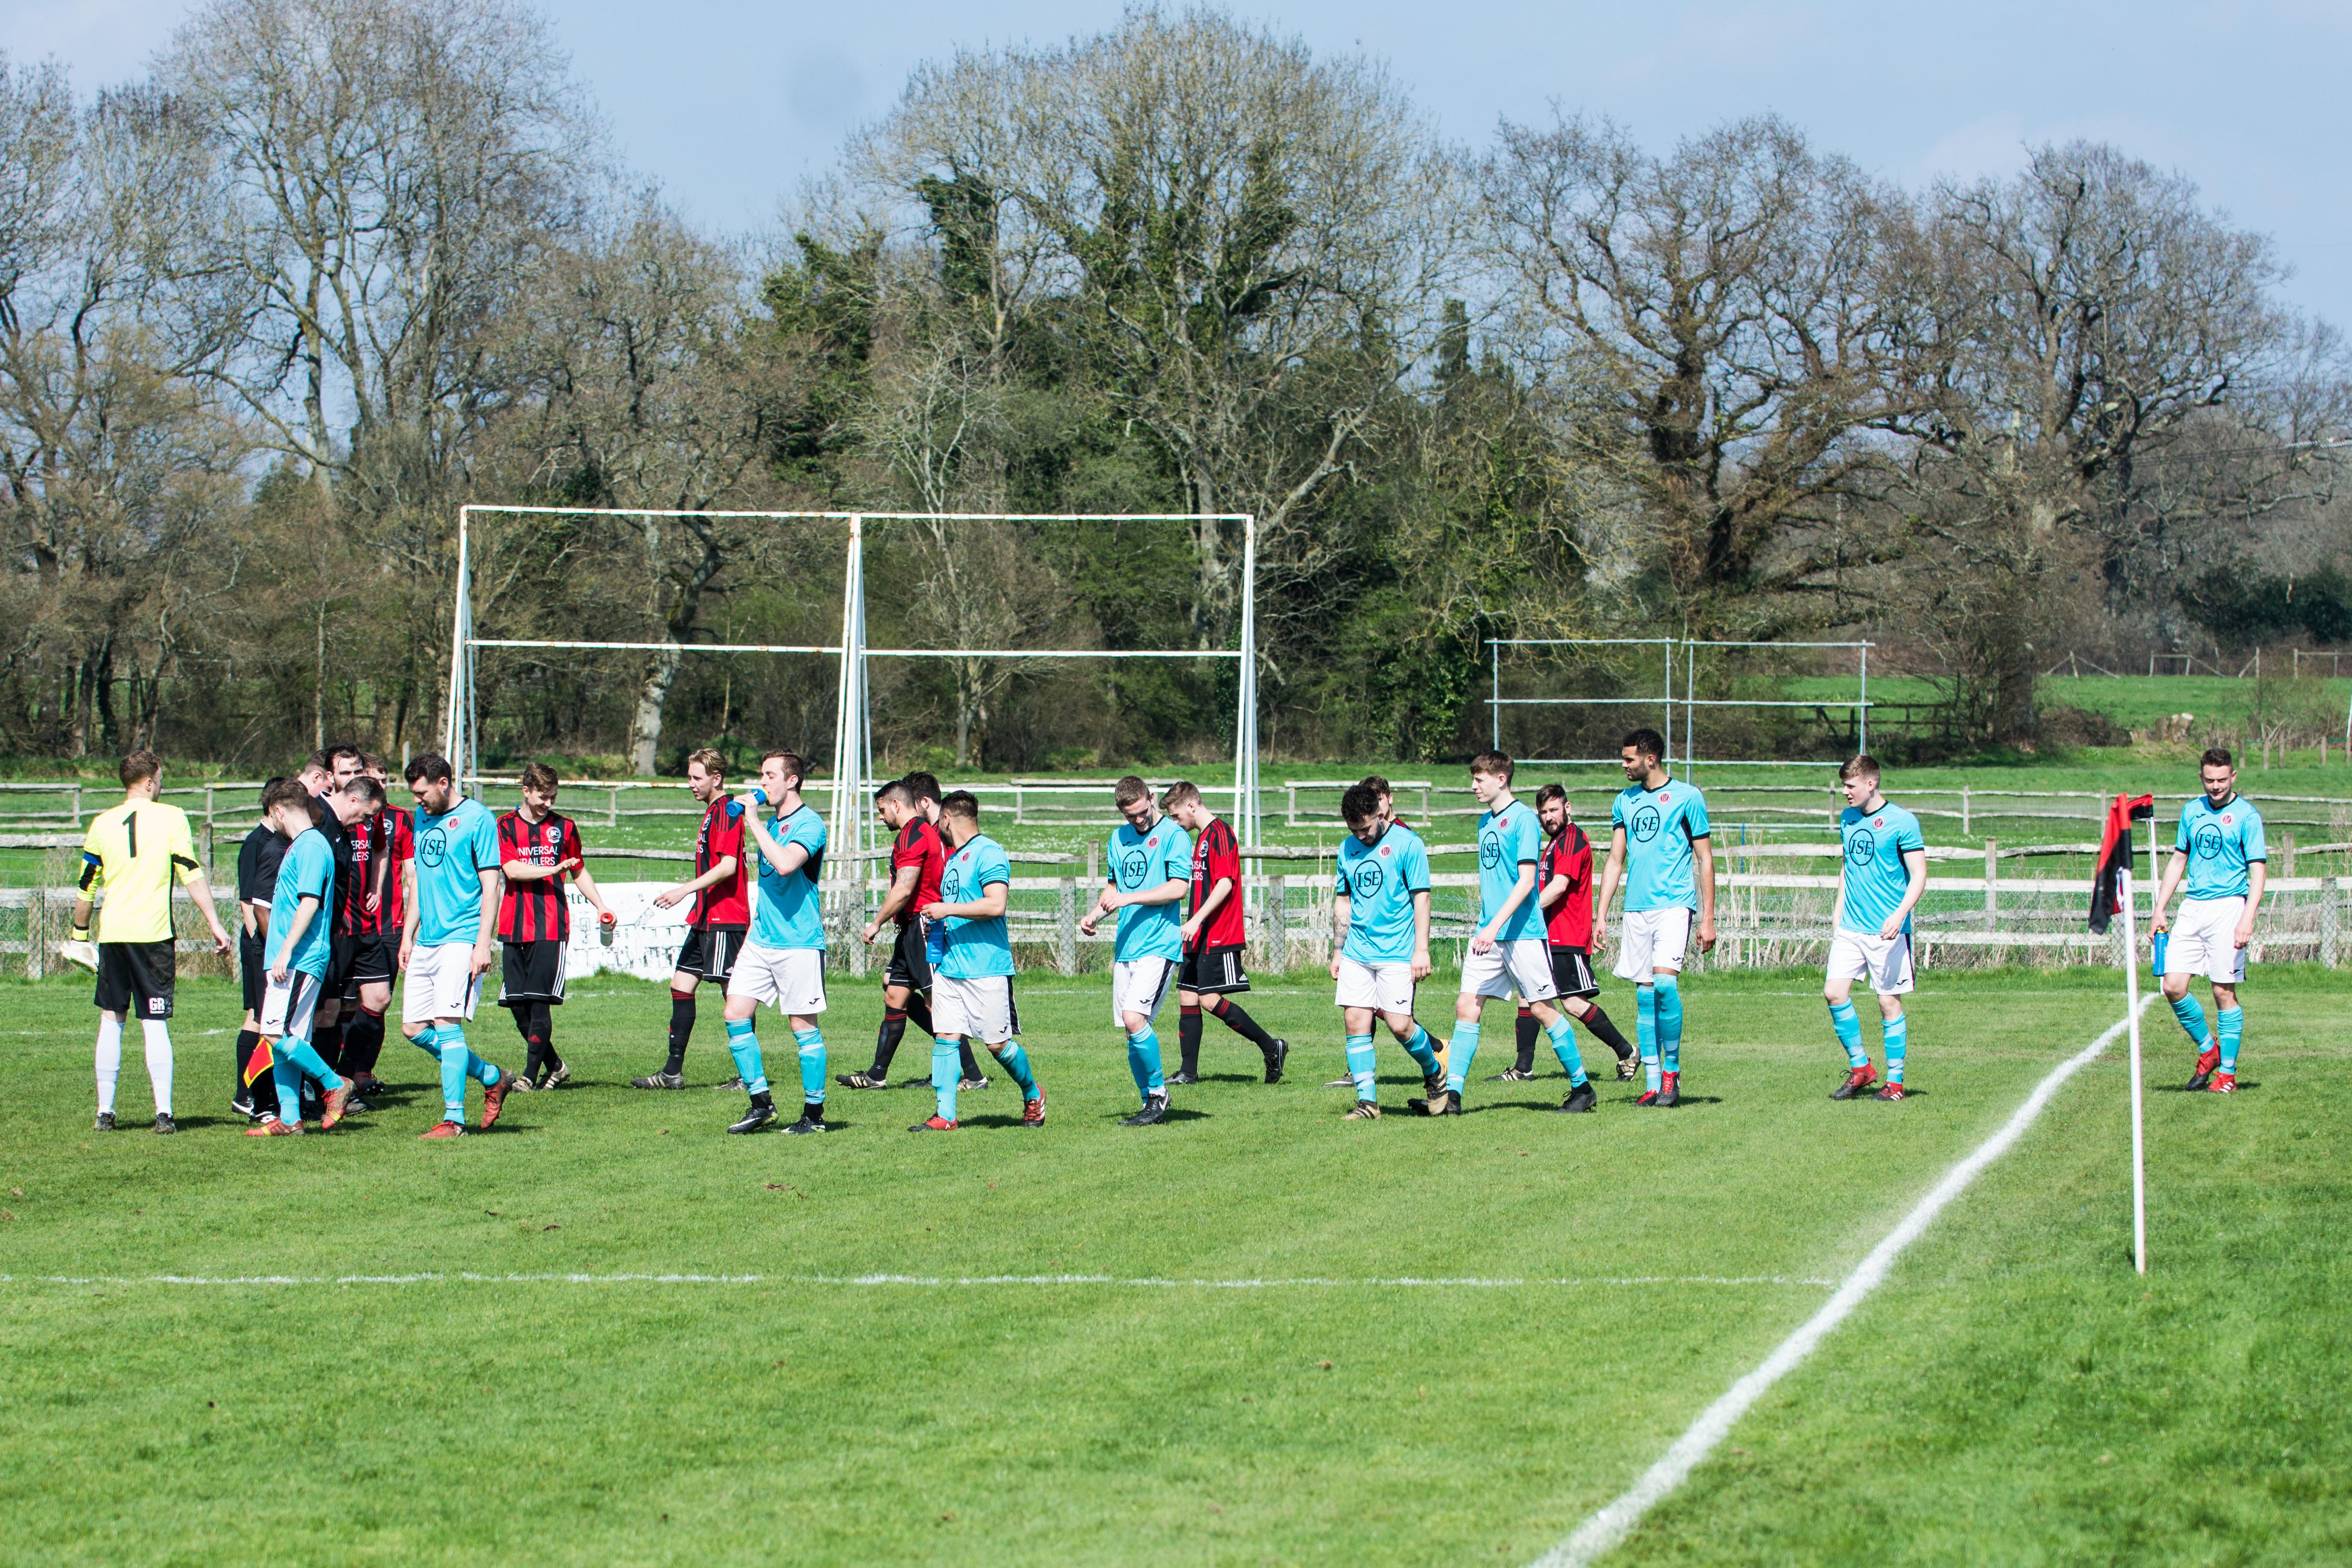 DAVID_JEFFERY Billingshurst FC vs AFC Varndeanians 14.04.18 13